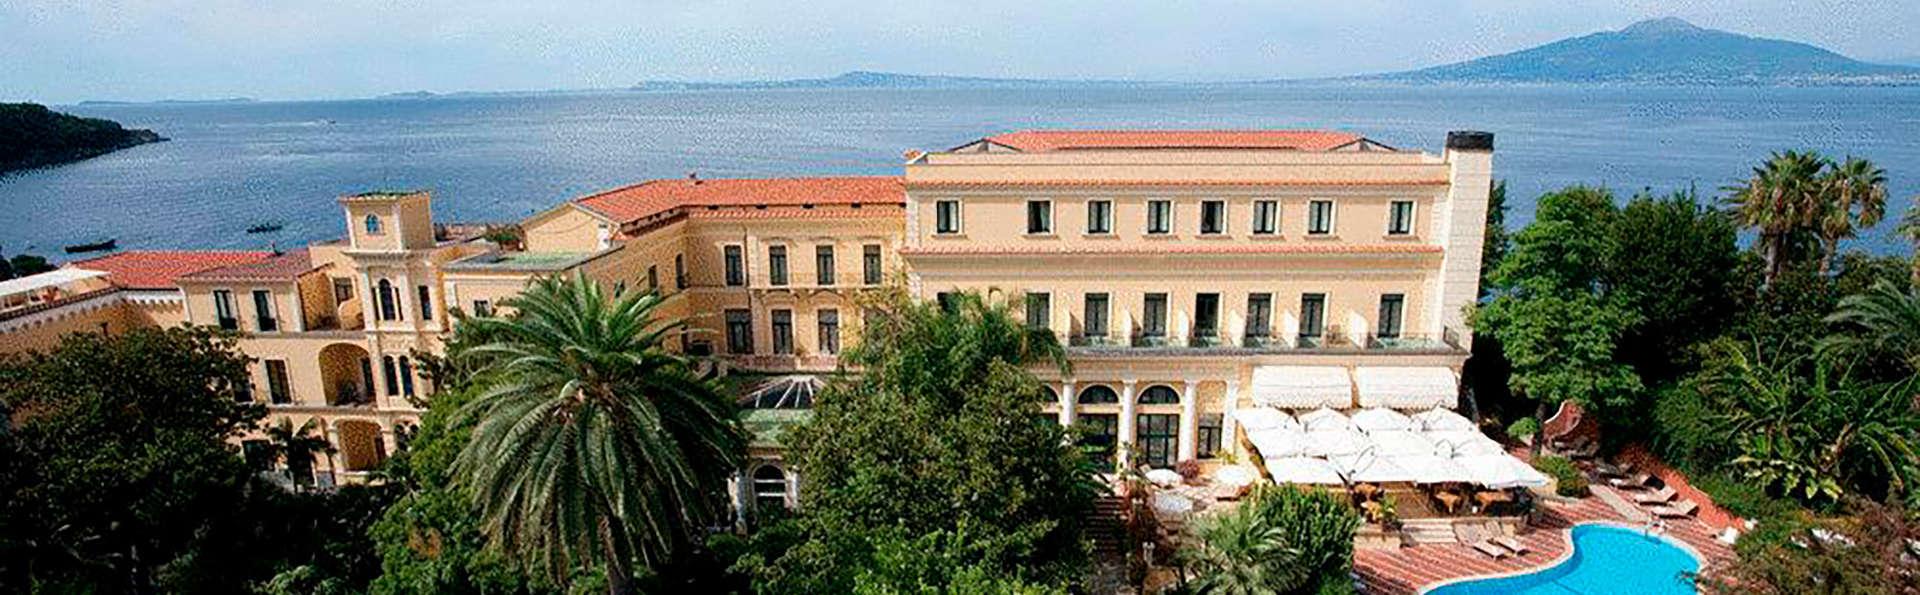 Imperial Hotel Tramontano - EDIT_N_FRONT.jpg